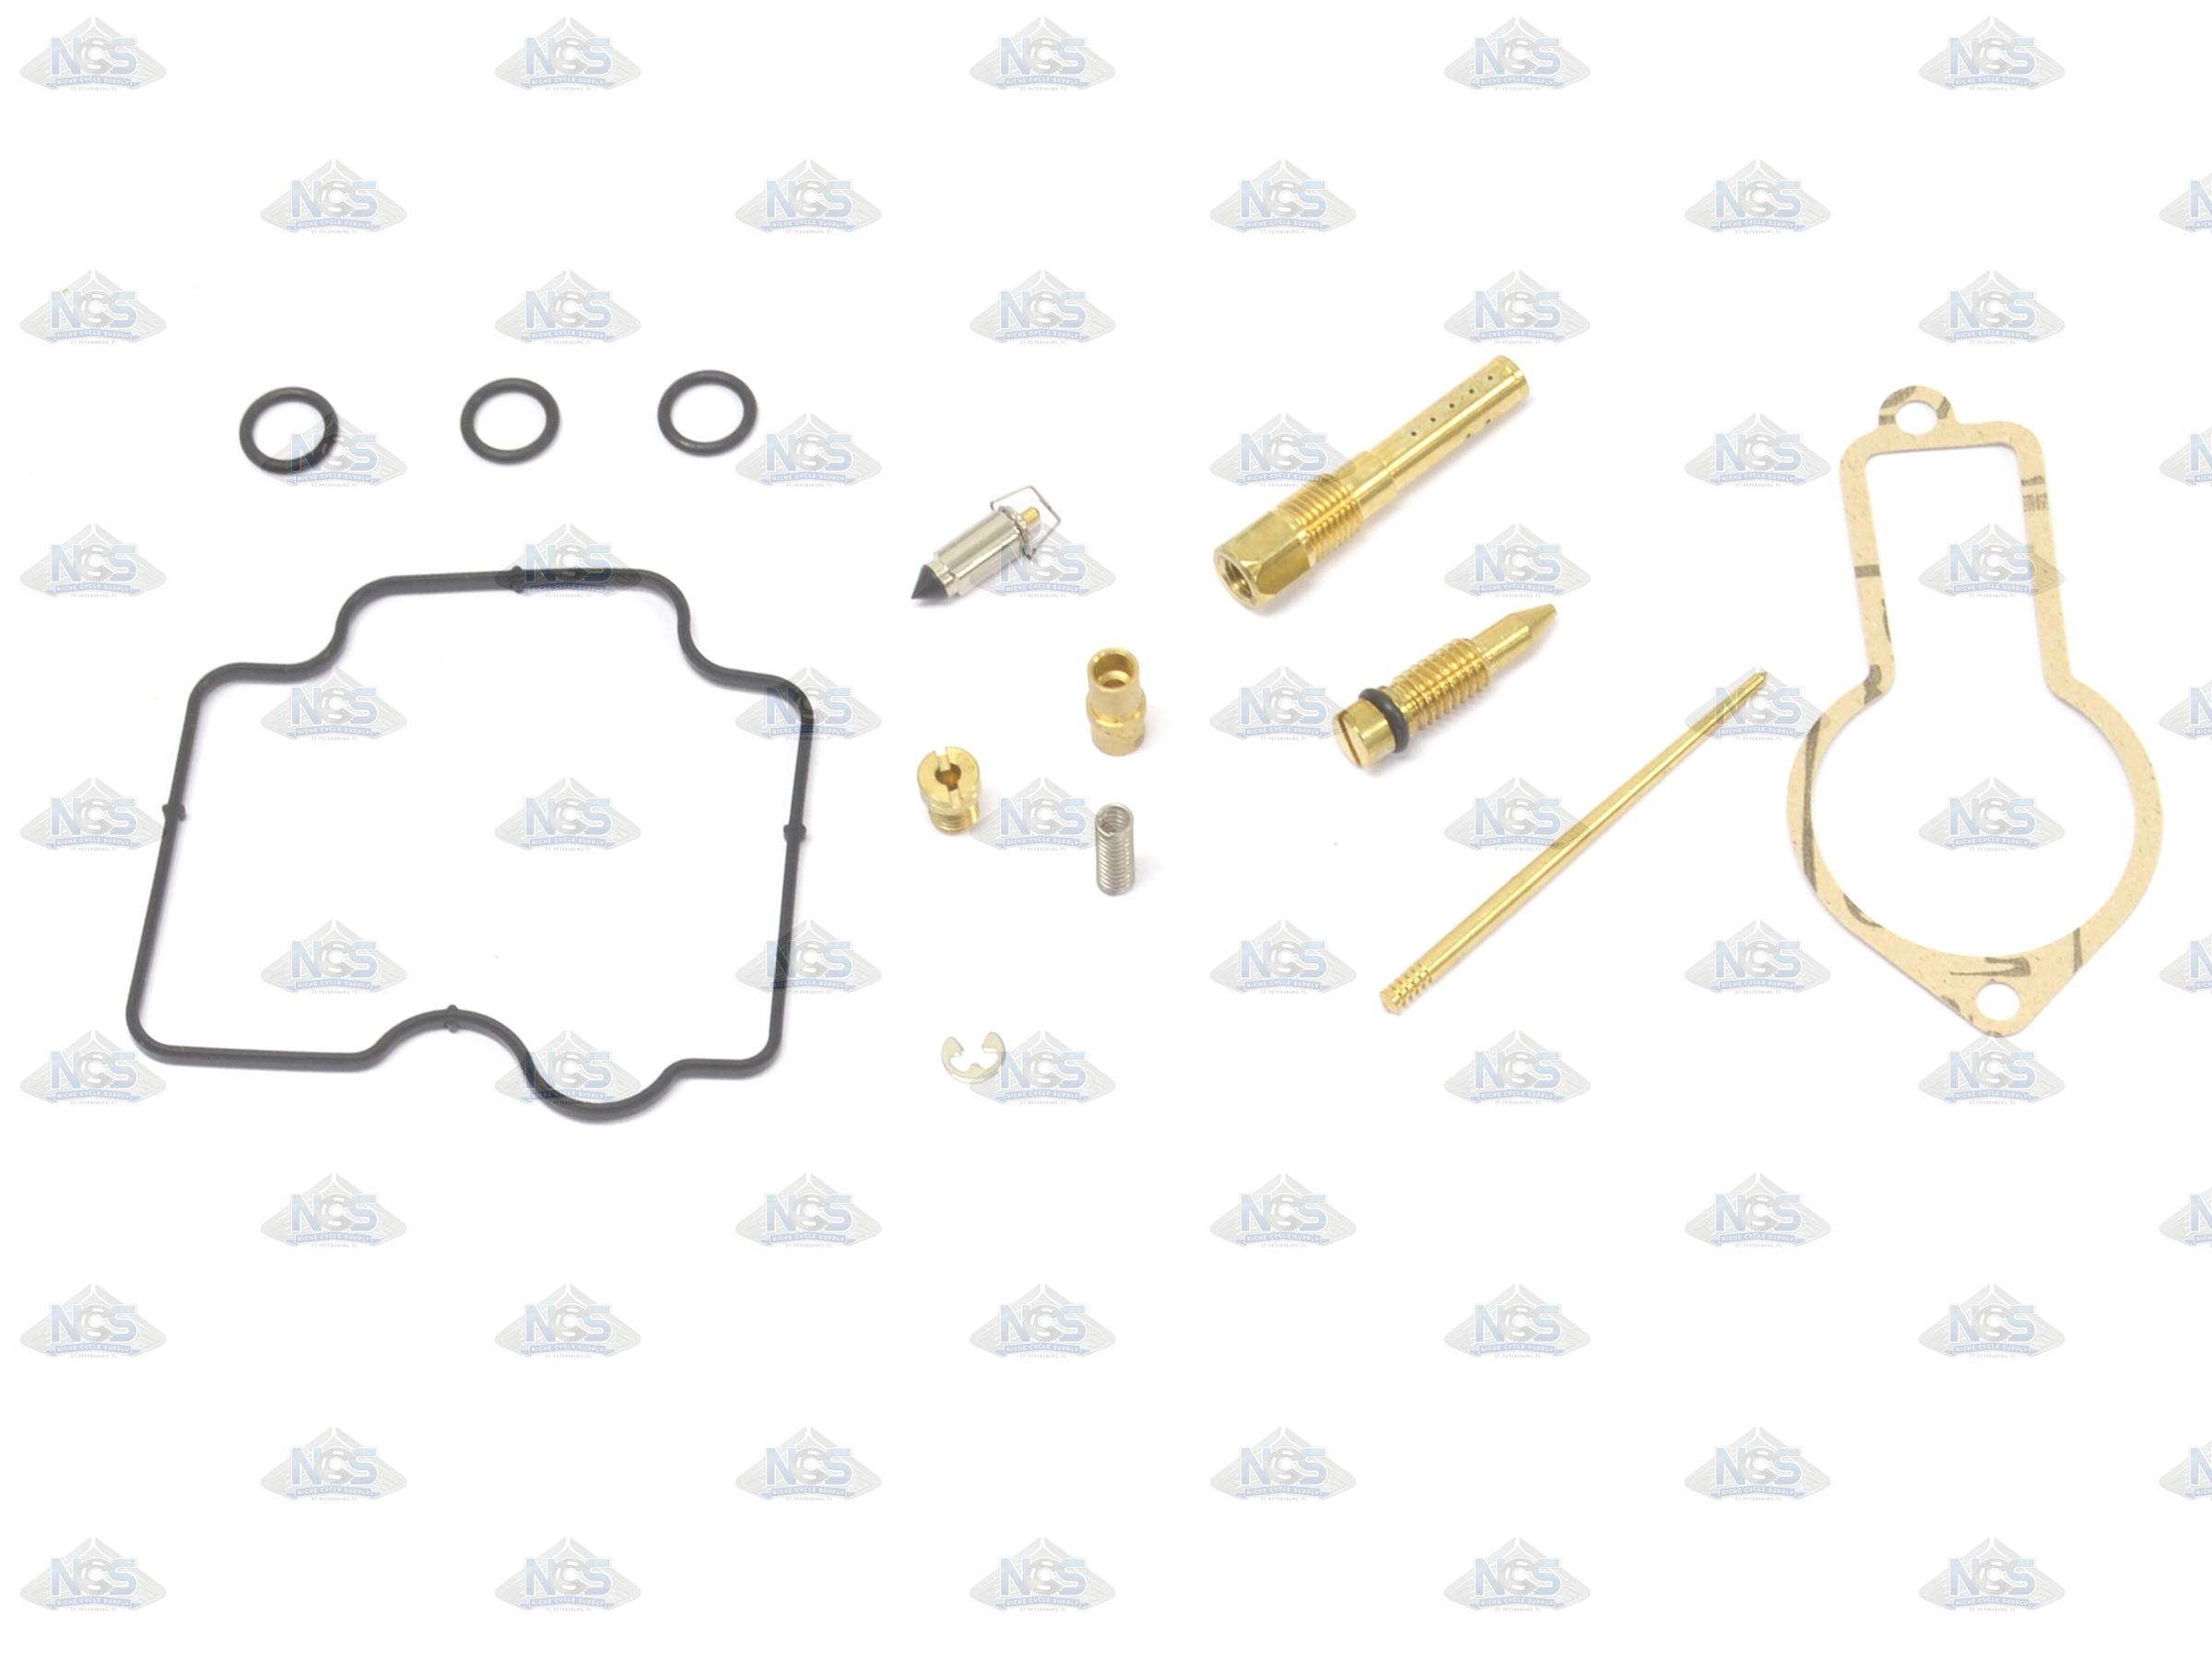 Honda Xl600 R Carburetor Rebuild Kit